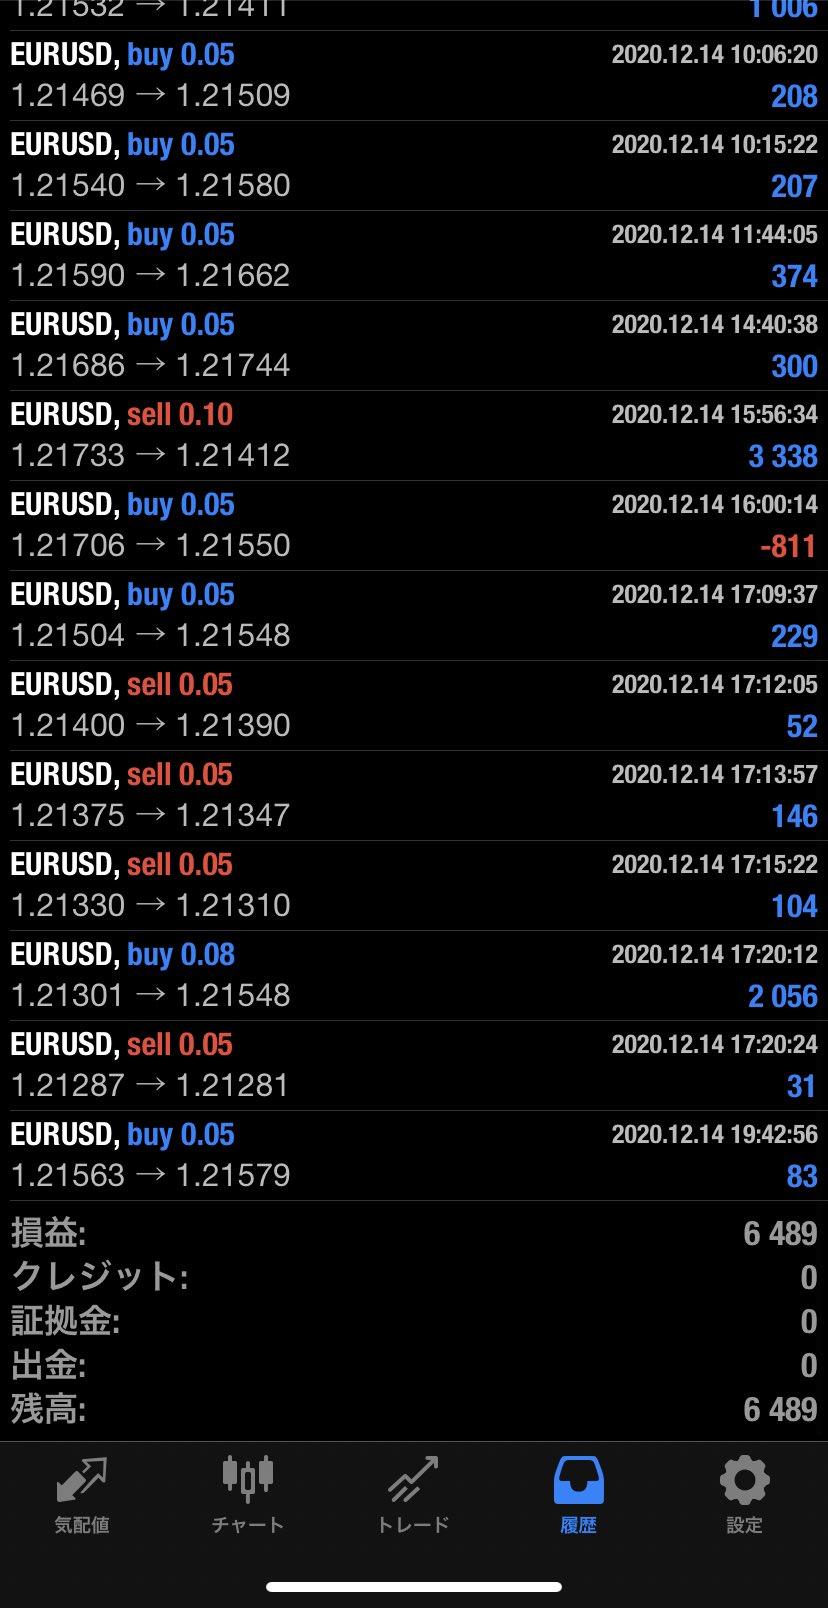 2020年12月14日 EUR/USDバージョン6,489円